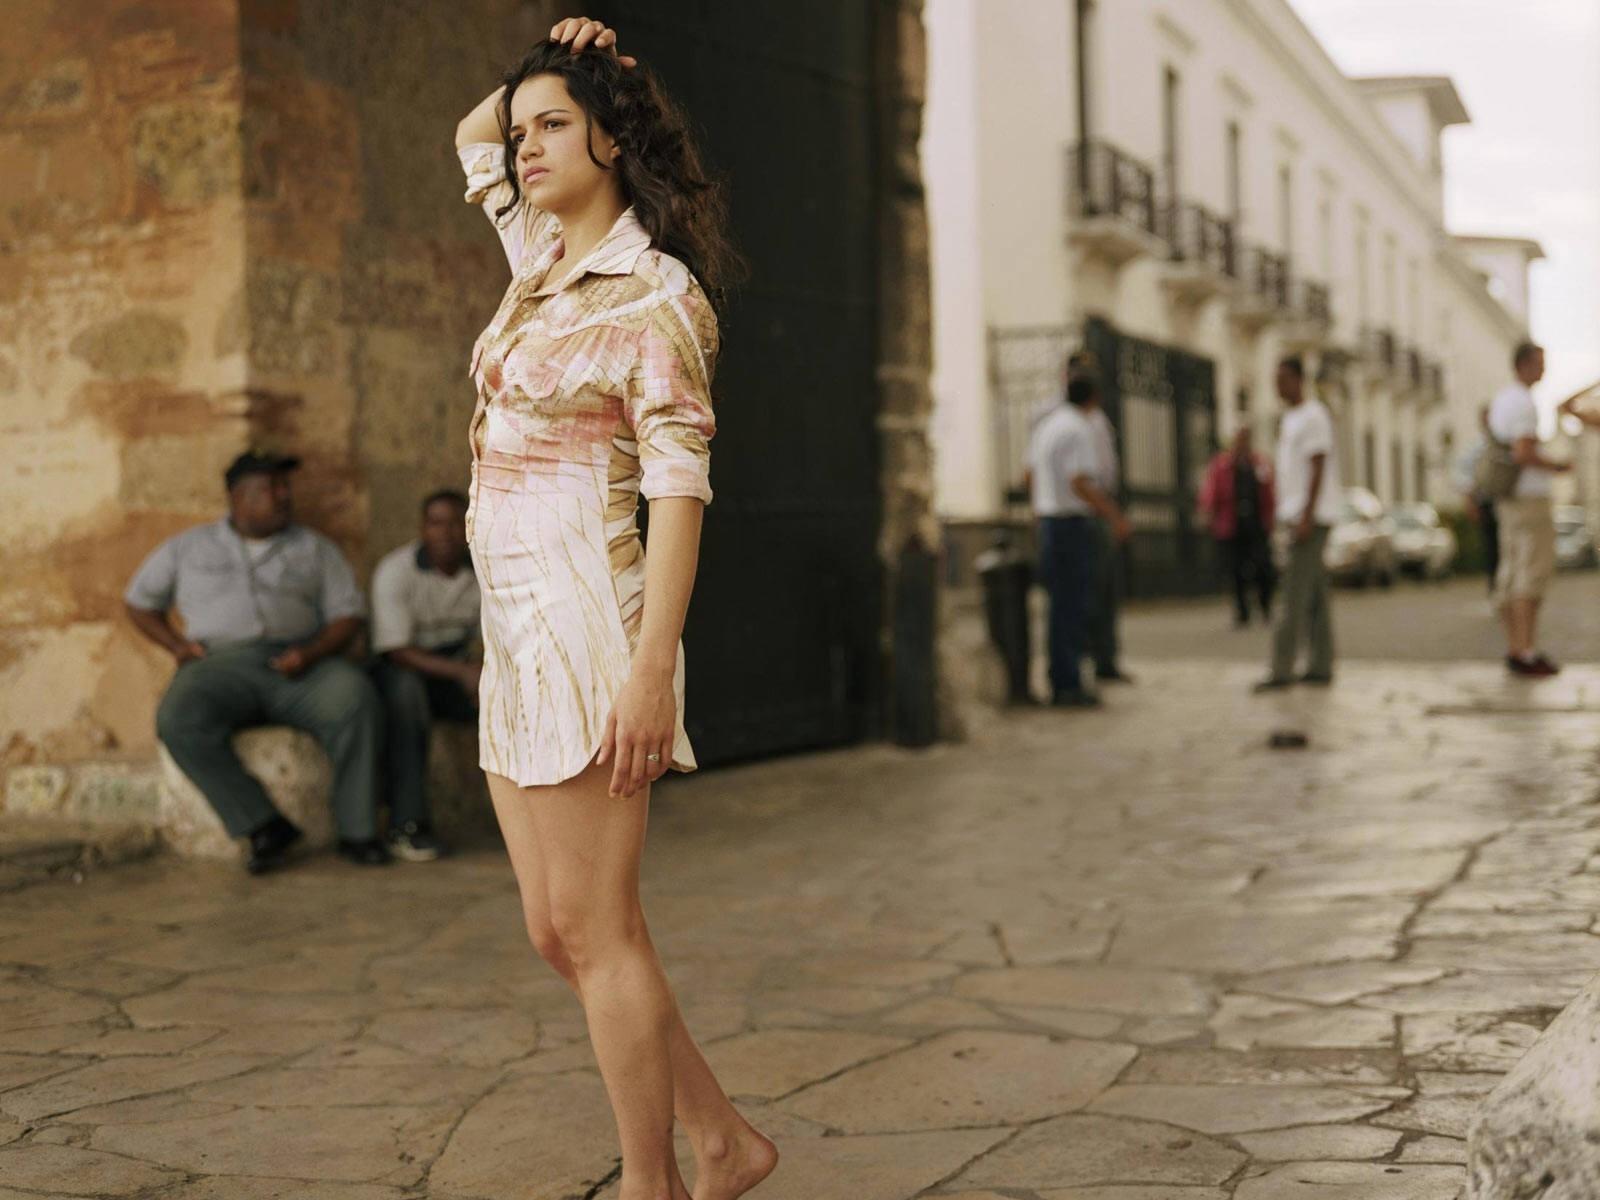 Wallpaper di Michelle Rodriguez - 8